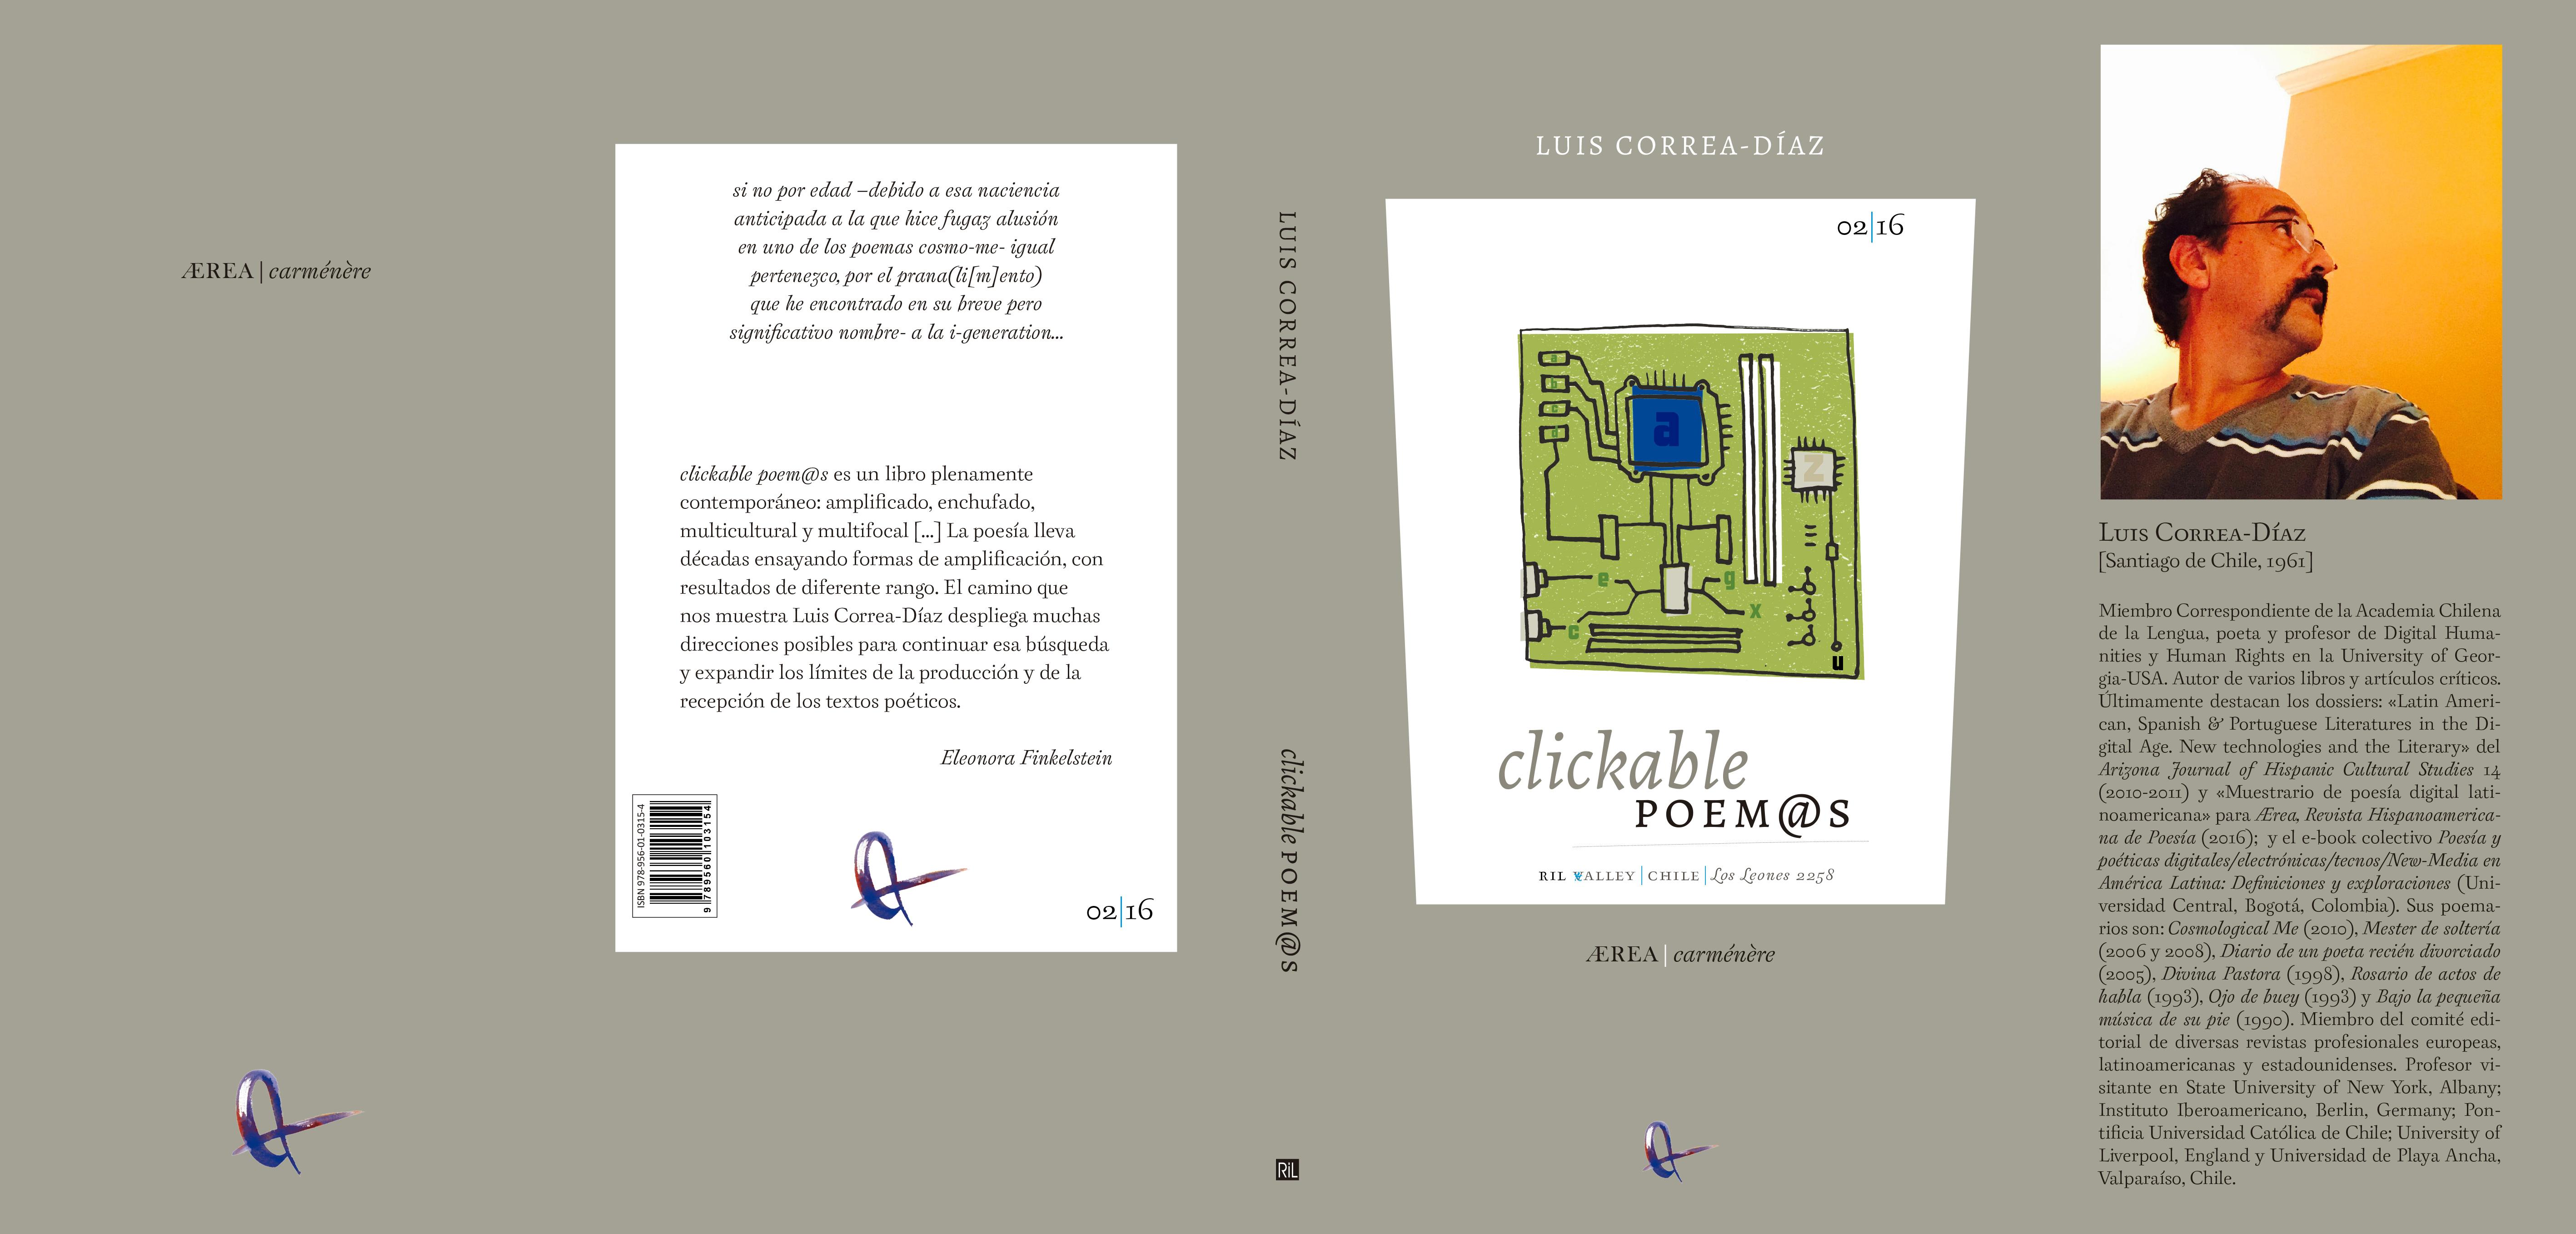 clickable poem@s (Santiago de Chile: RIL Editores, 2016)  de luis correa-díaz